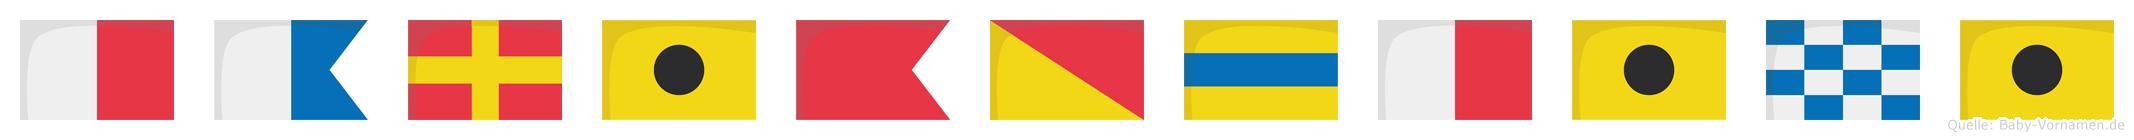 Haribodhini im Flaggenalphabet